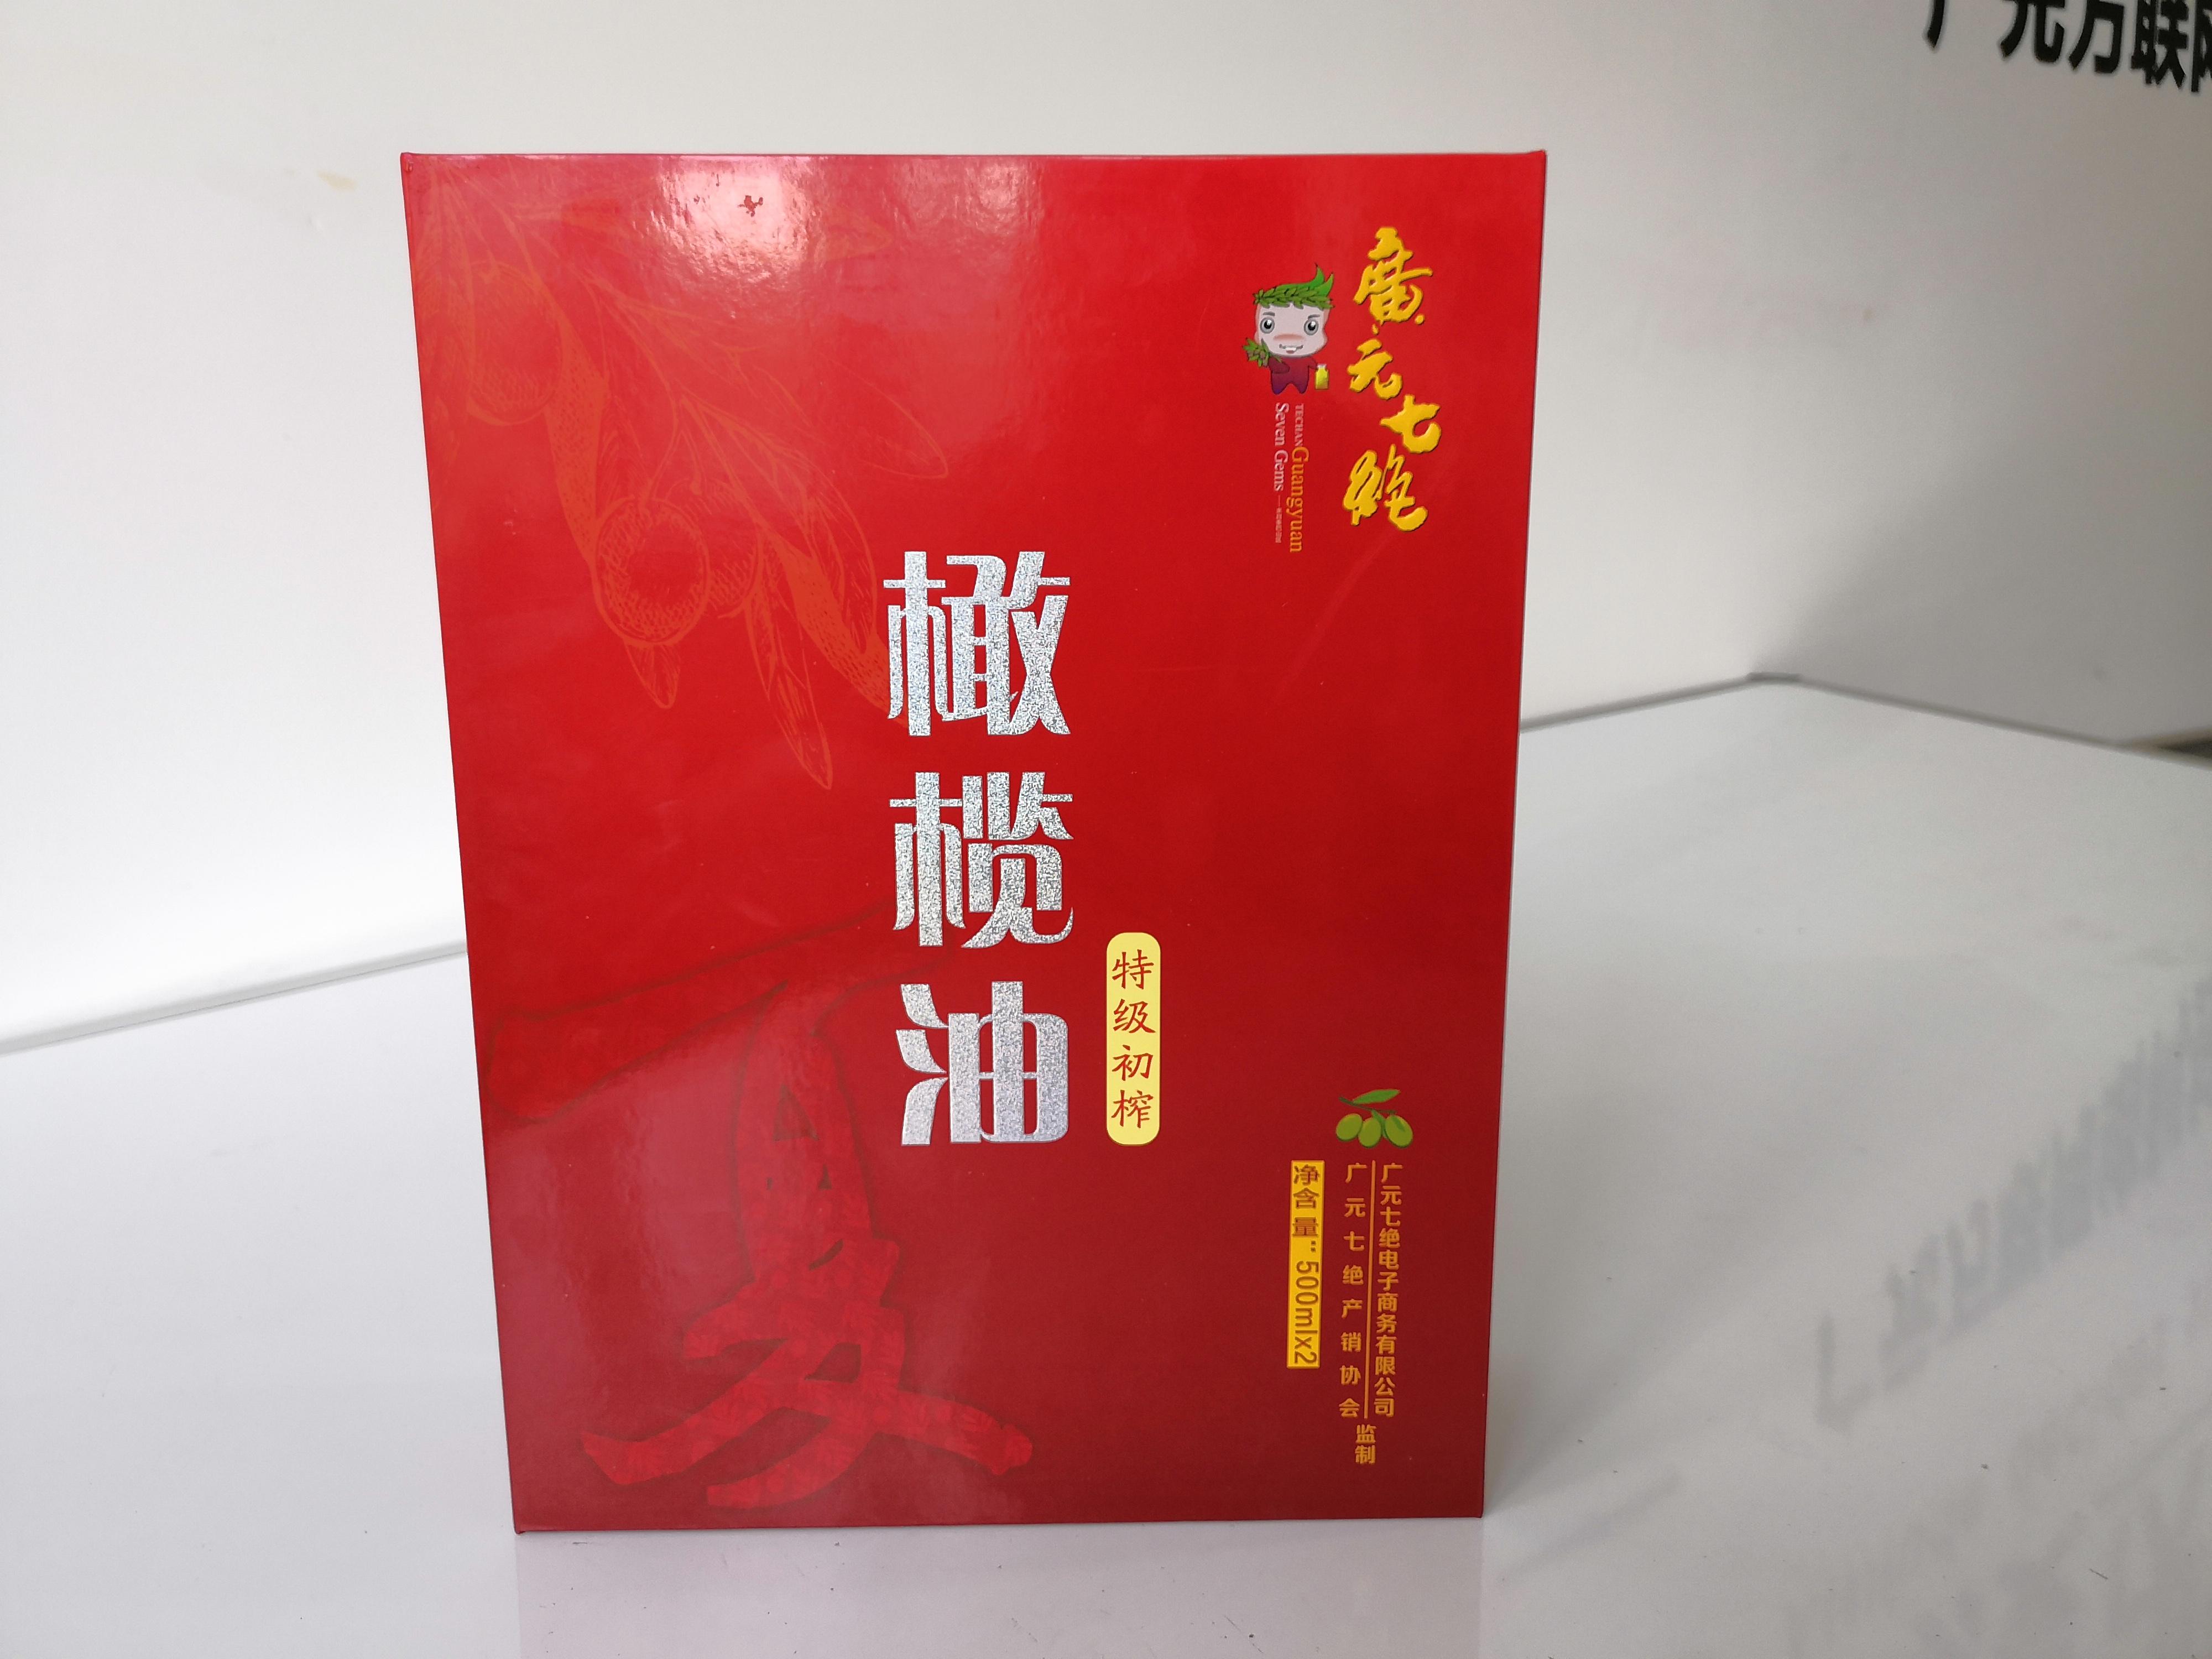 琉璃農场特级初榨橄榄油500ml*2夏礼盒